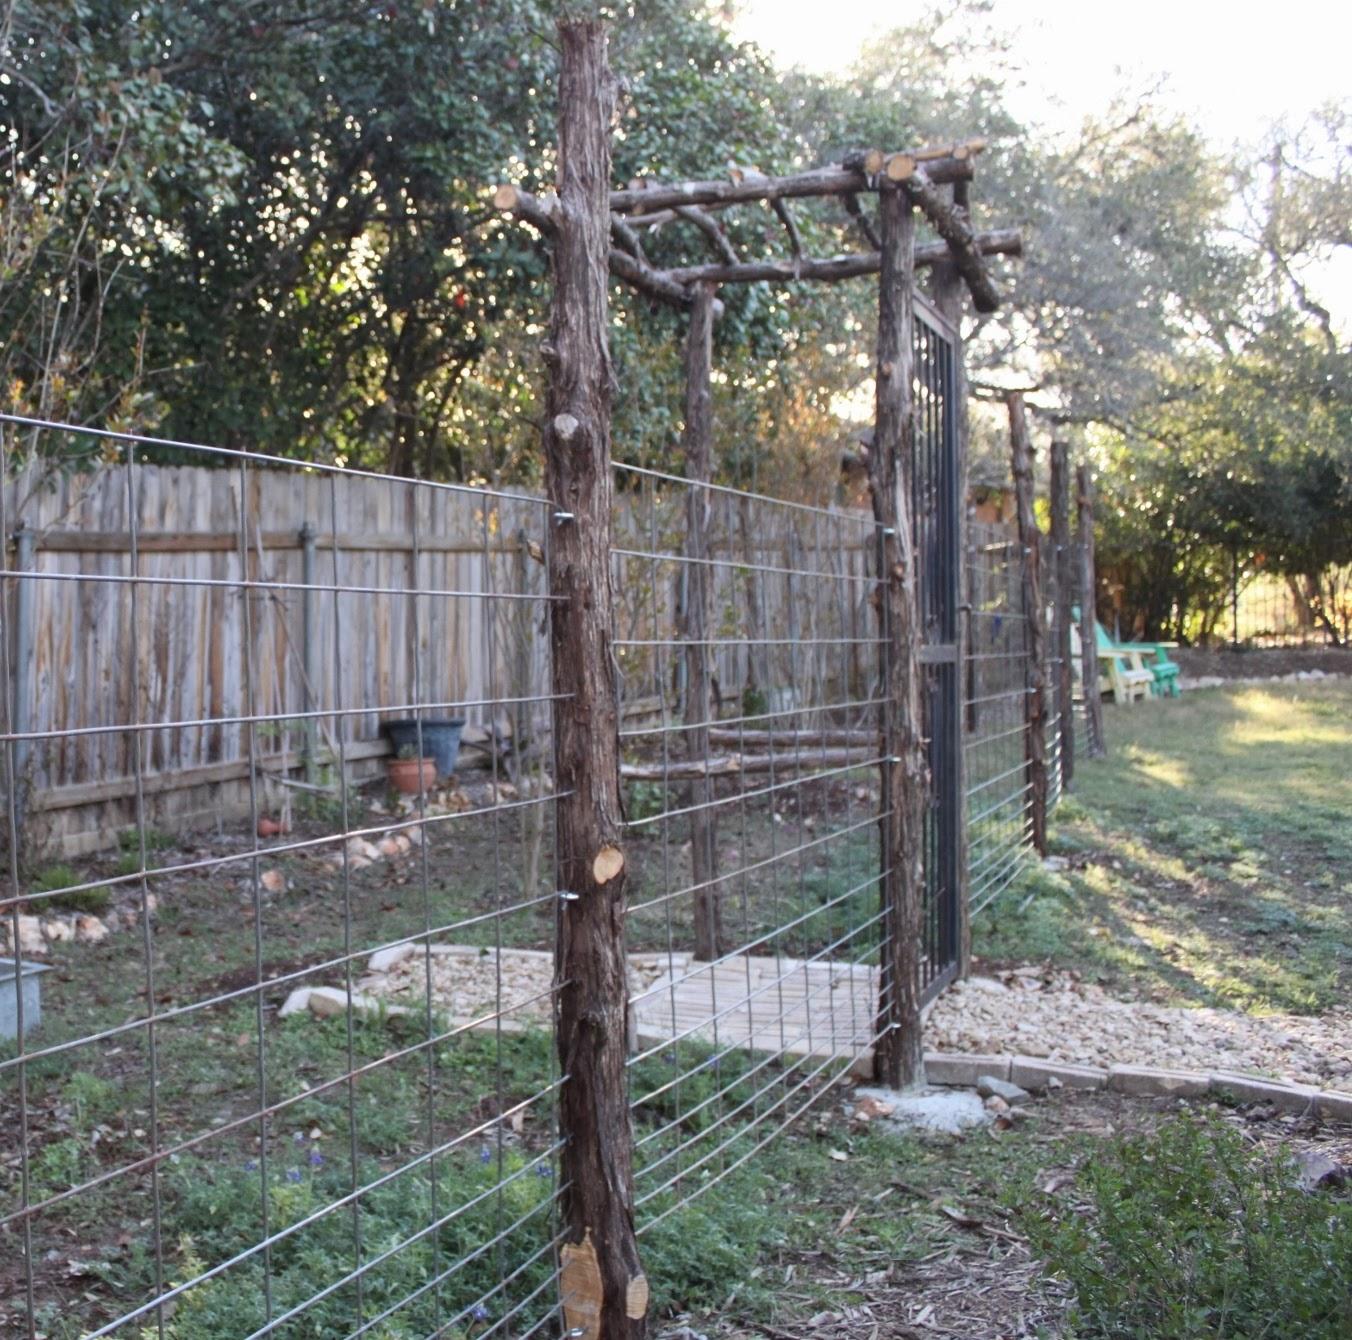 Rock-Oak-Deer: The Fence Post Two